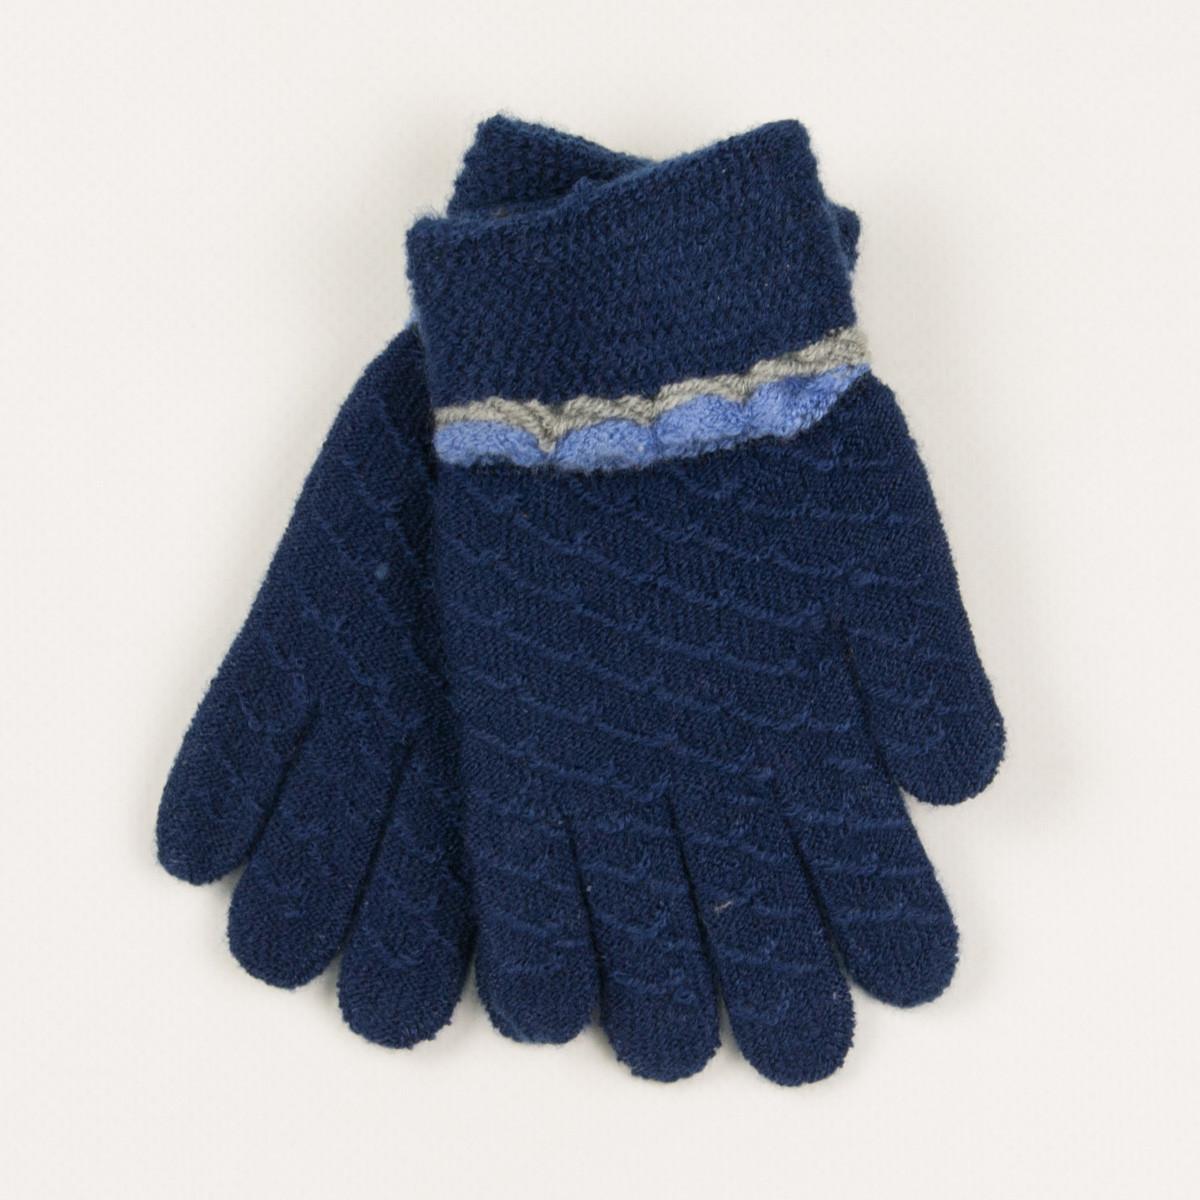 Перчатки для мальчиков на 2-3 года - 19-7-42 - Синий